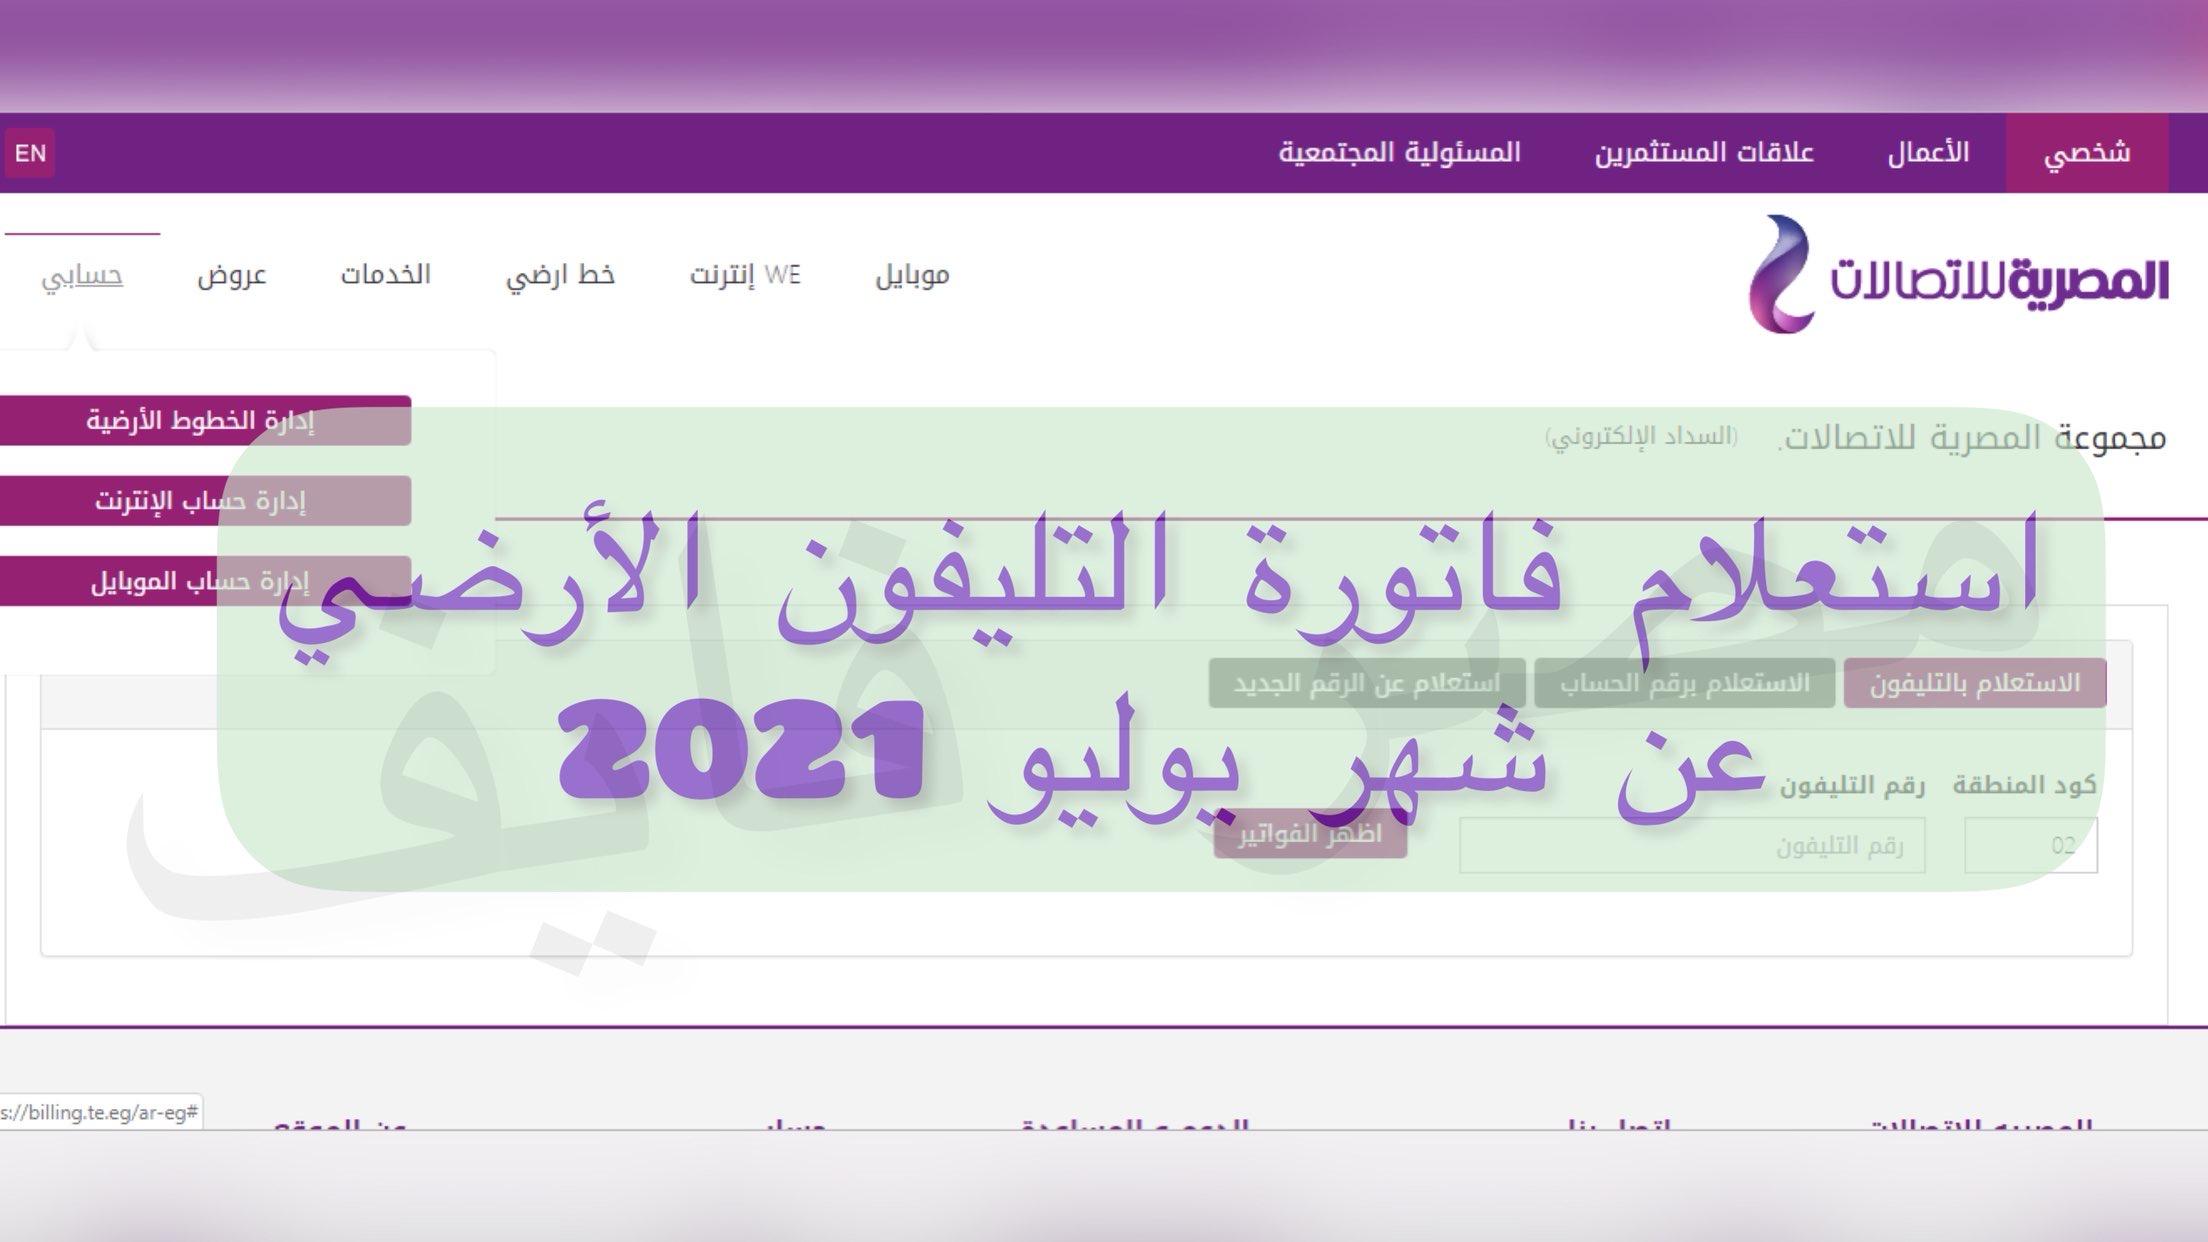 موعد ورابط الاستعلام عن فاتورة التليفون الارضي 2021 بالرقم وكود المحافظة